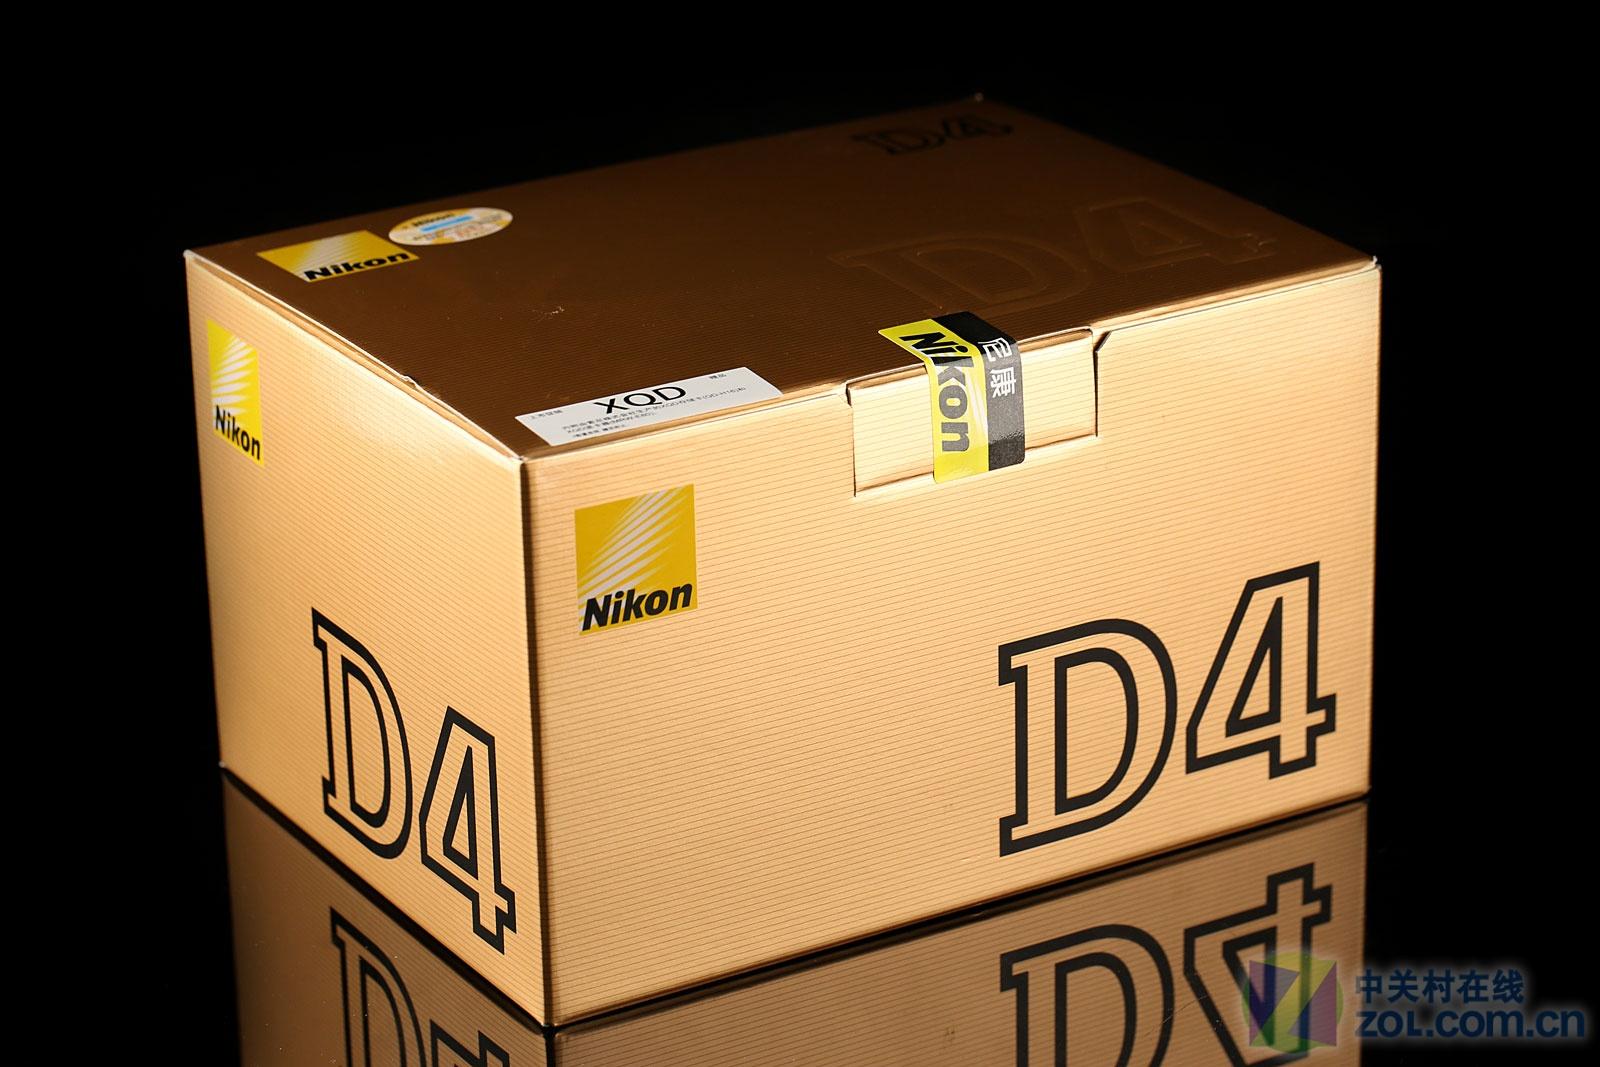 包装 包装设计 设计 箱子 1600_1067